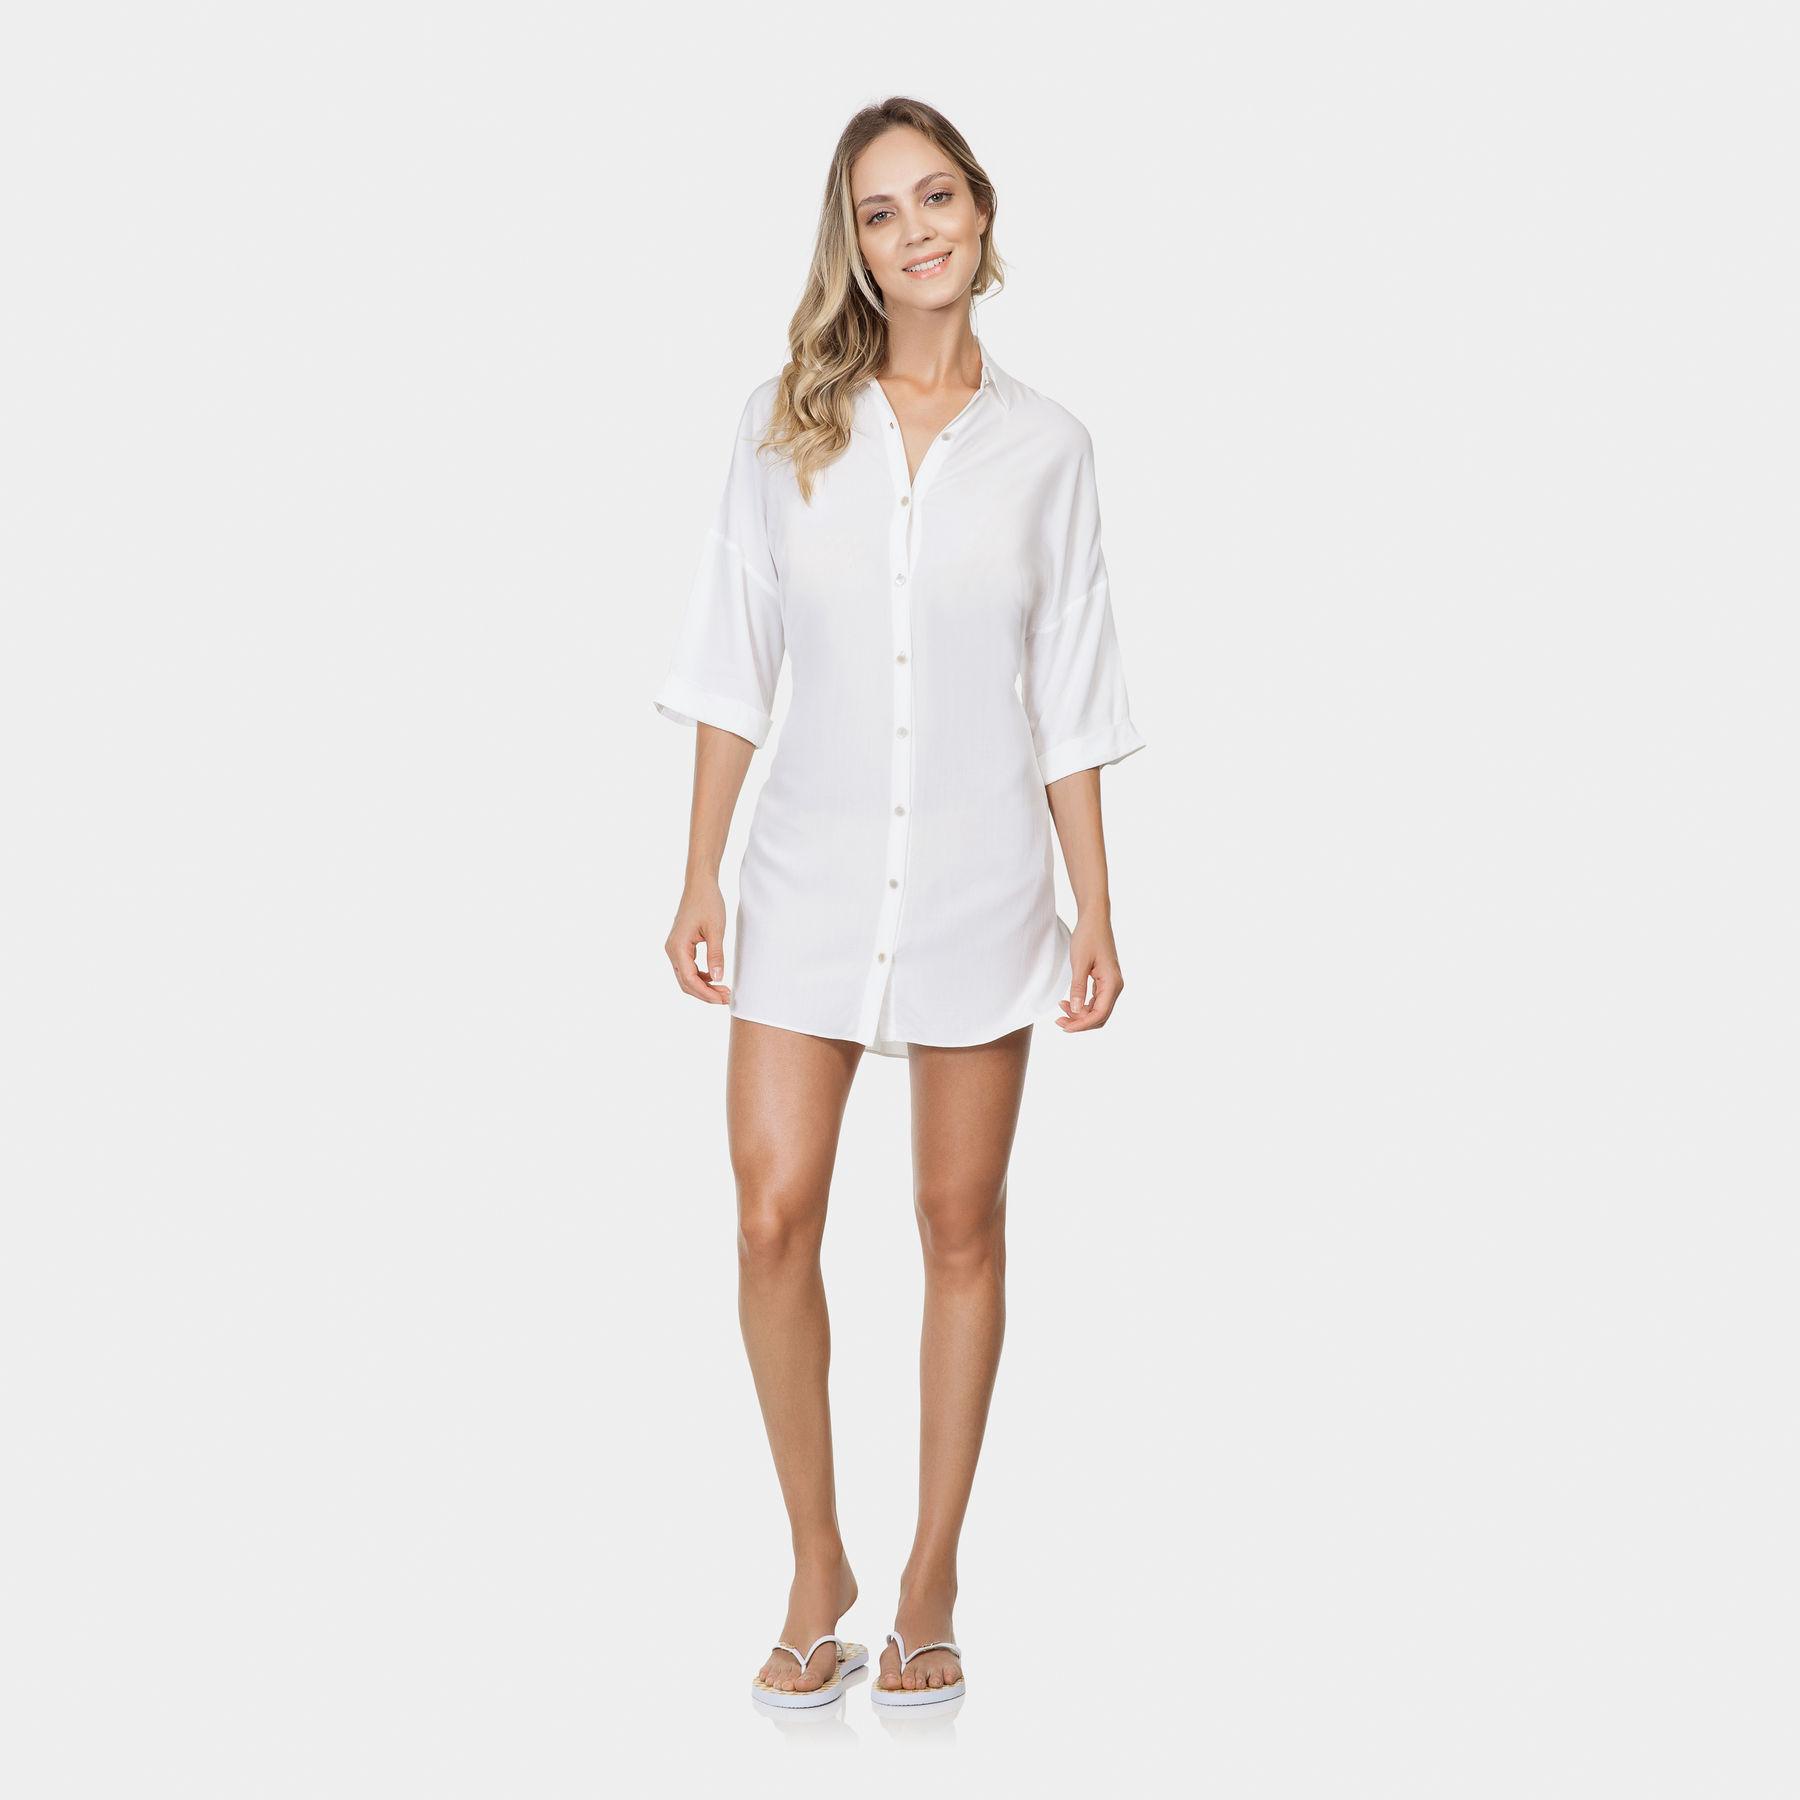 f1f904416 Camisa Saída de Praia Tecido Branco Off White - Lez a Lez